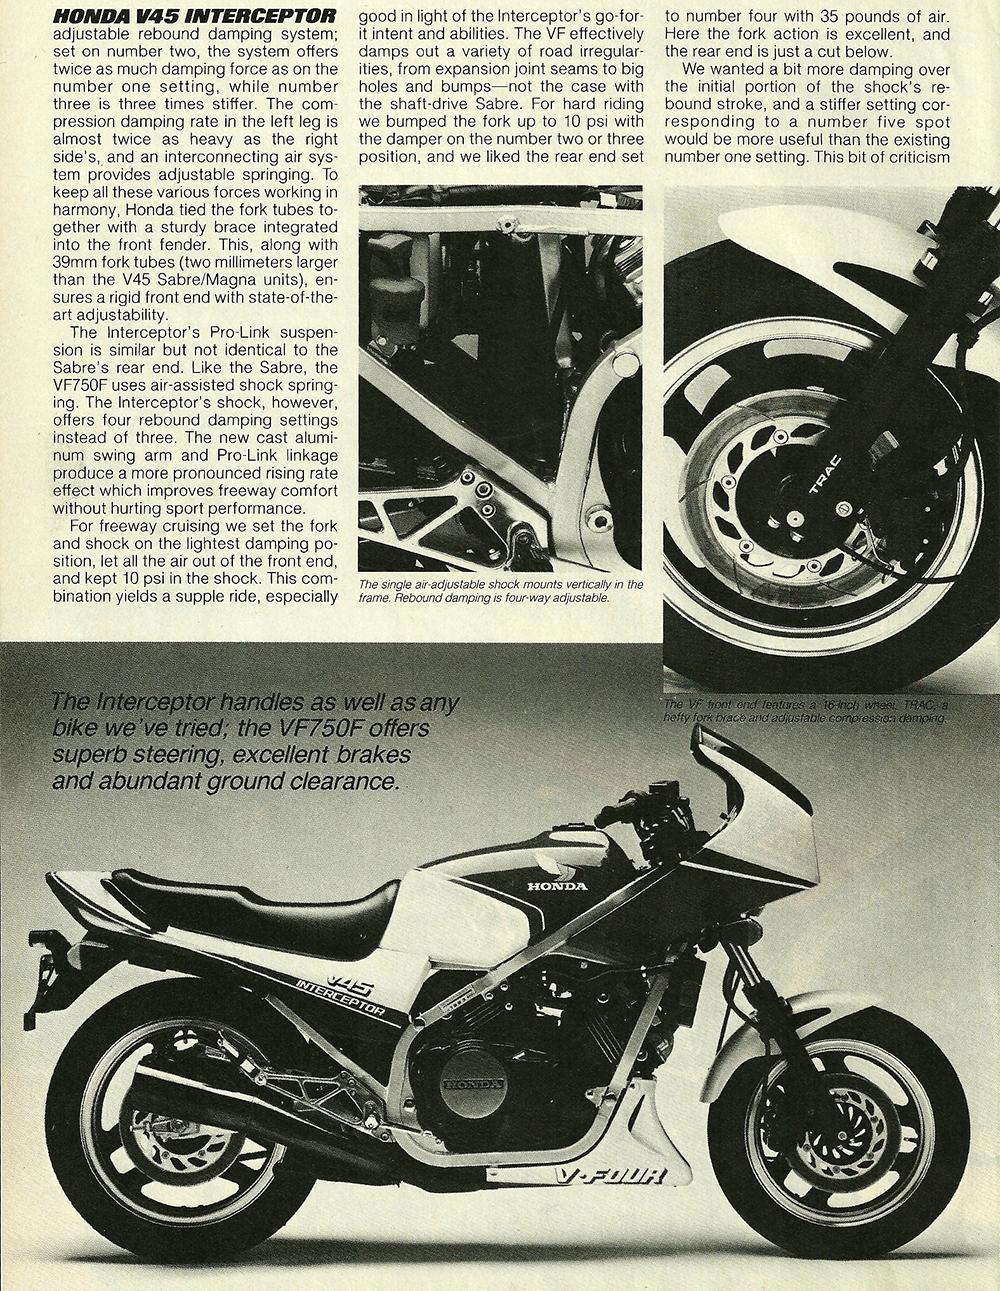 1983 Honda V45 Interceptor road test 05.jpg